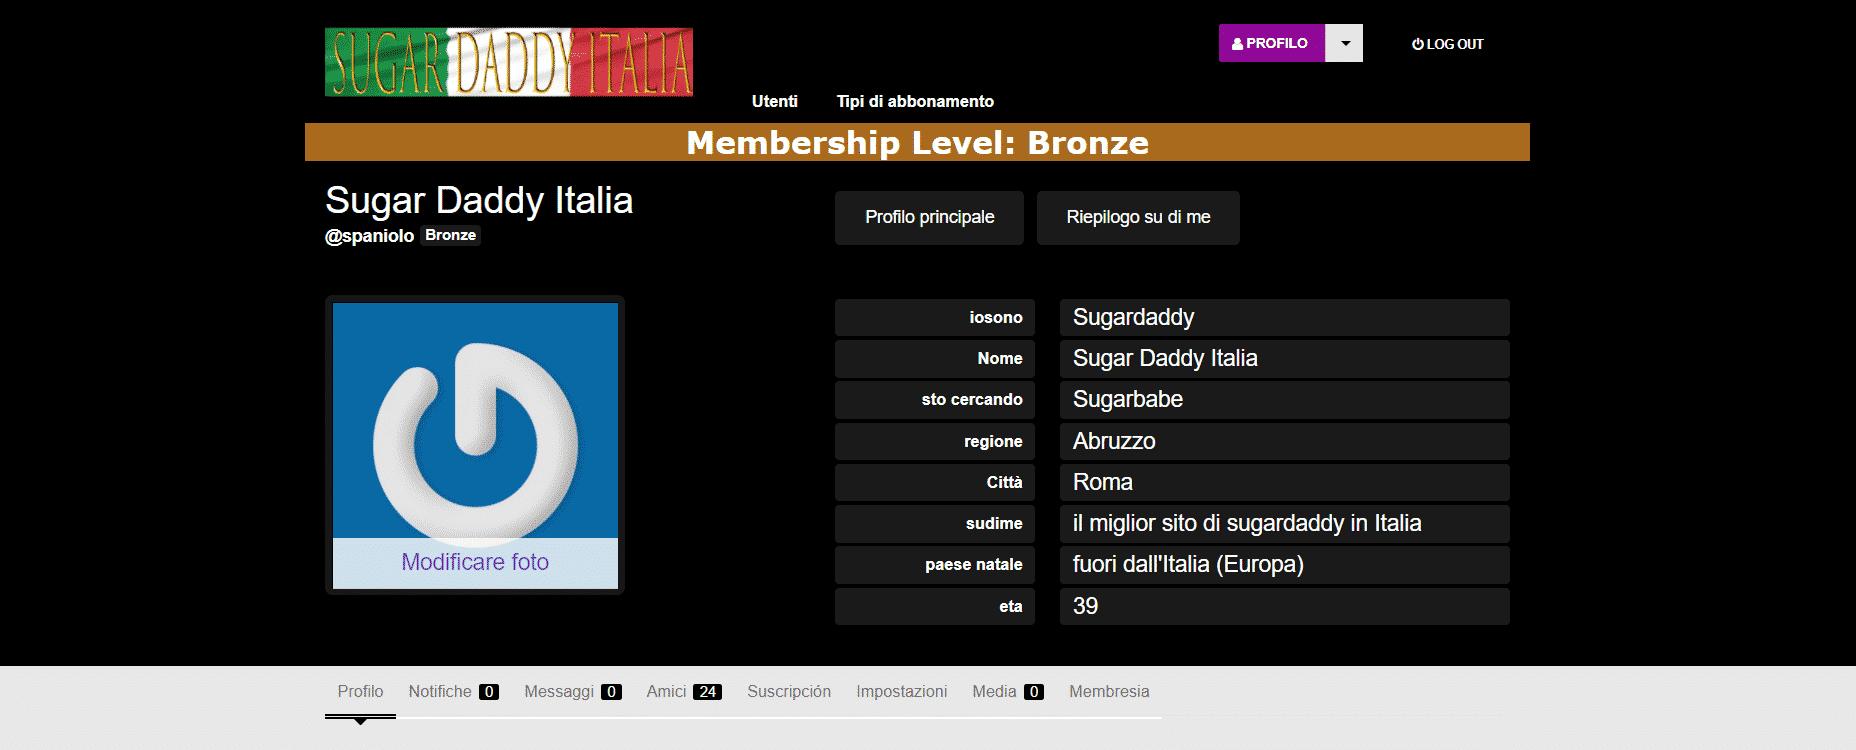 home page mettere come mettere l'immagine del profilo sulla piattaforma sugar daddy italia.